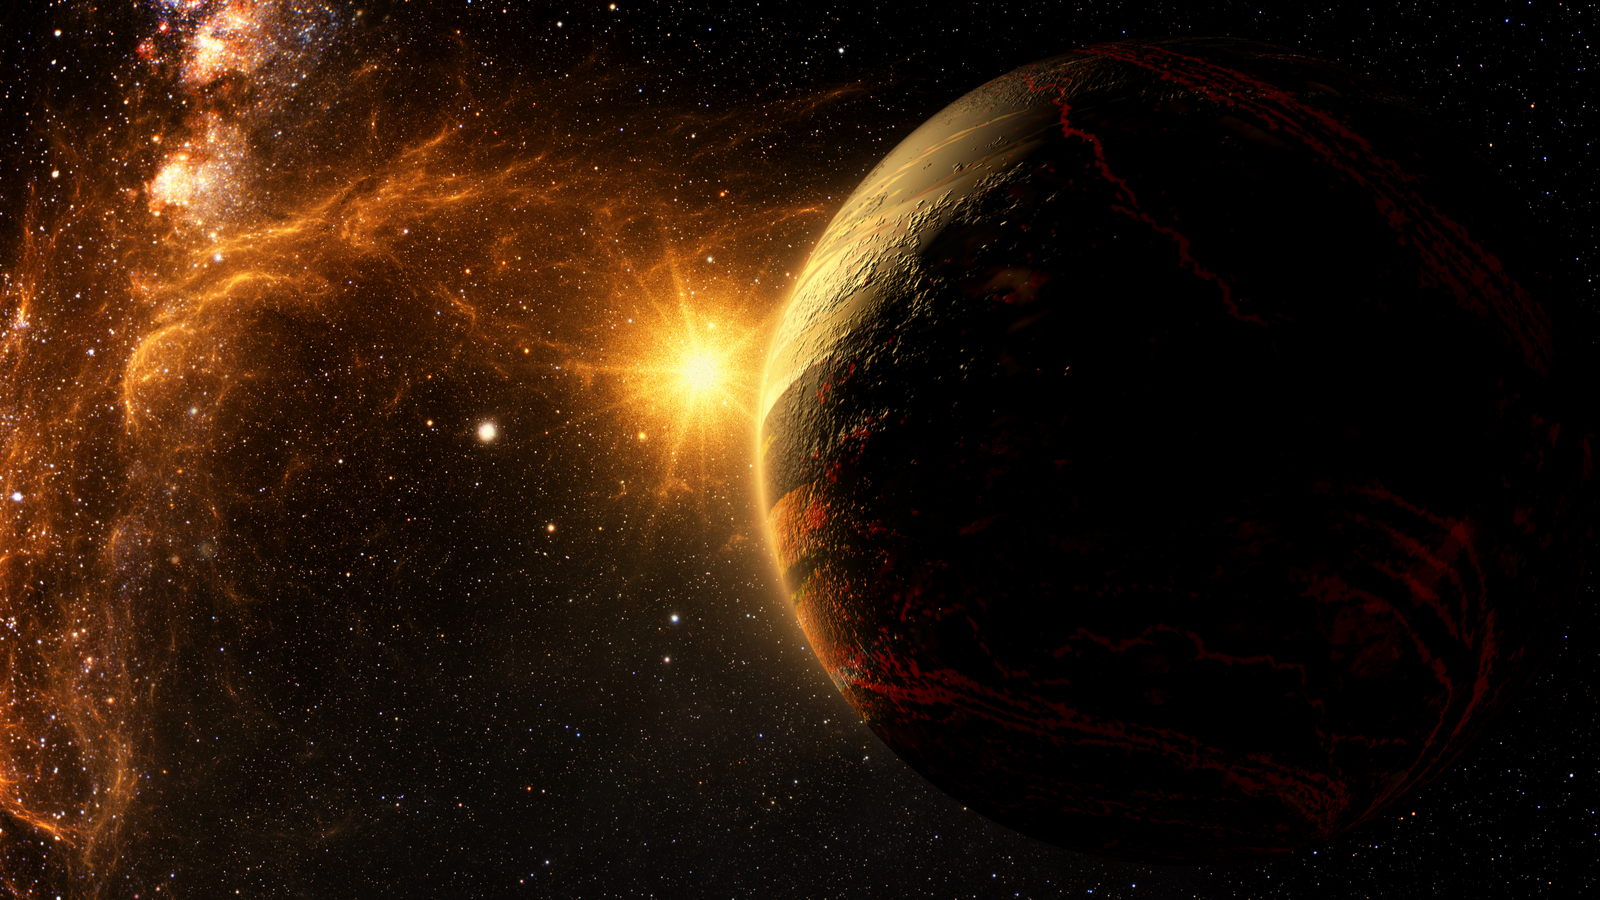 Exoplanet exploration fantasy and surreal landscape 3D rendered